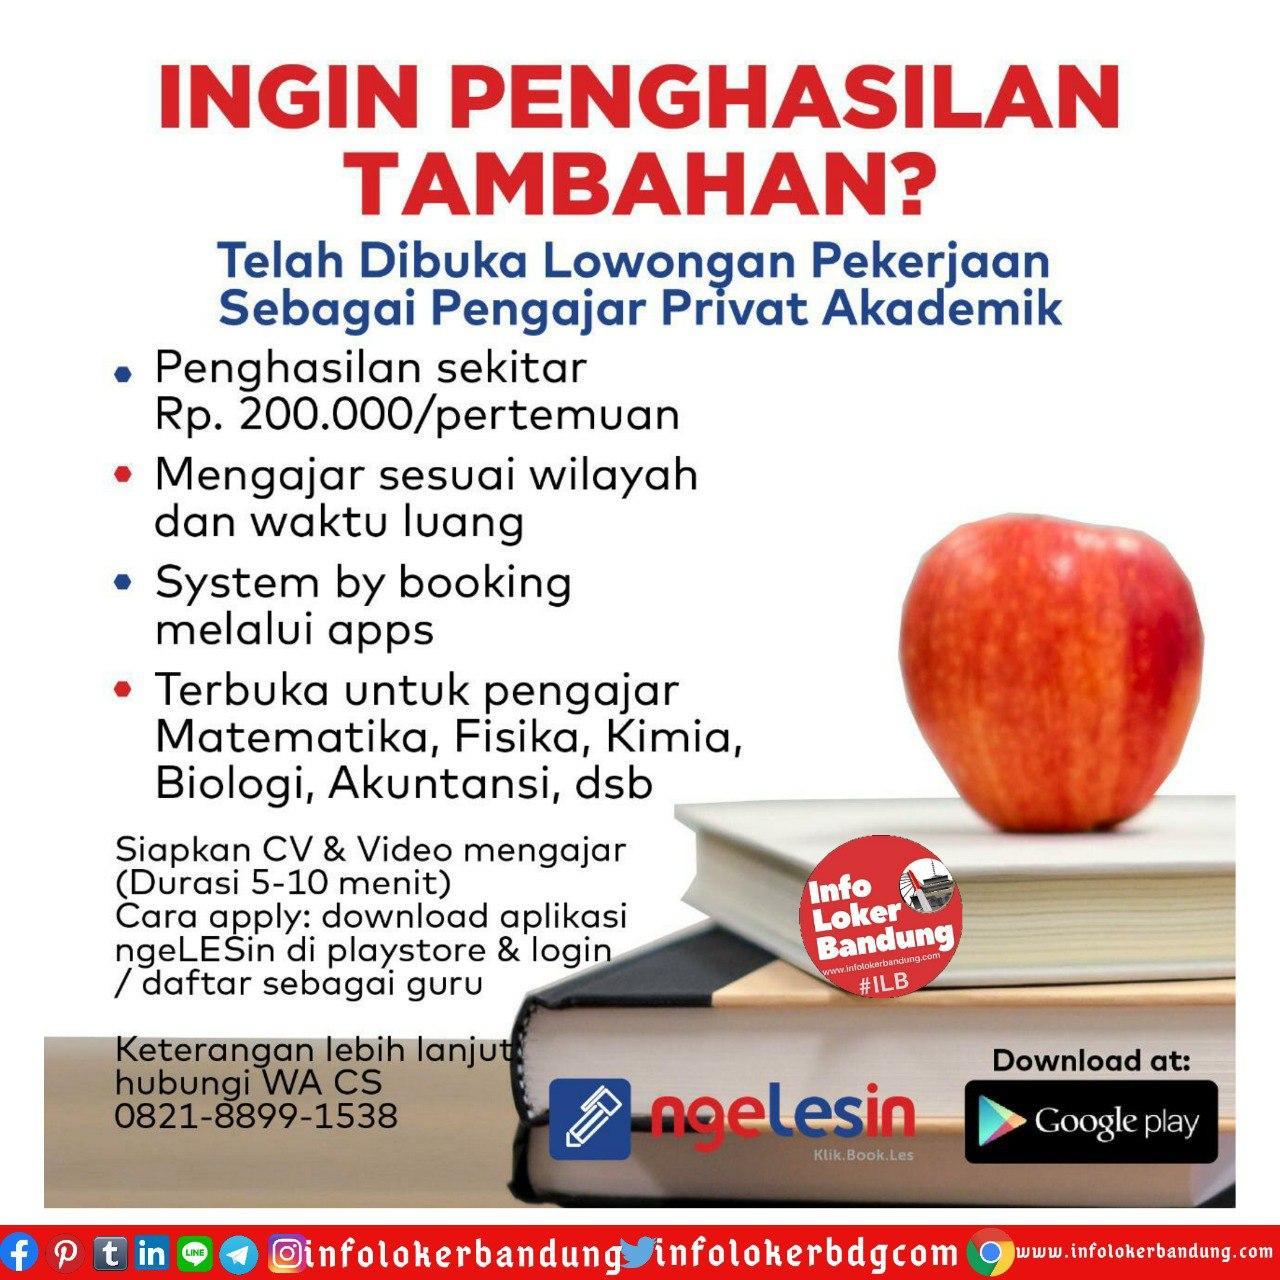 Lowongan Kerja Guru Ngelesin Juni 2020 - Info Loker ...